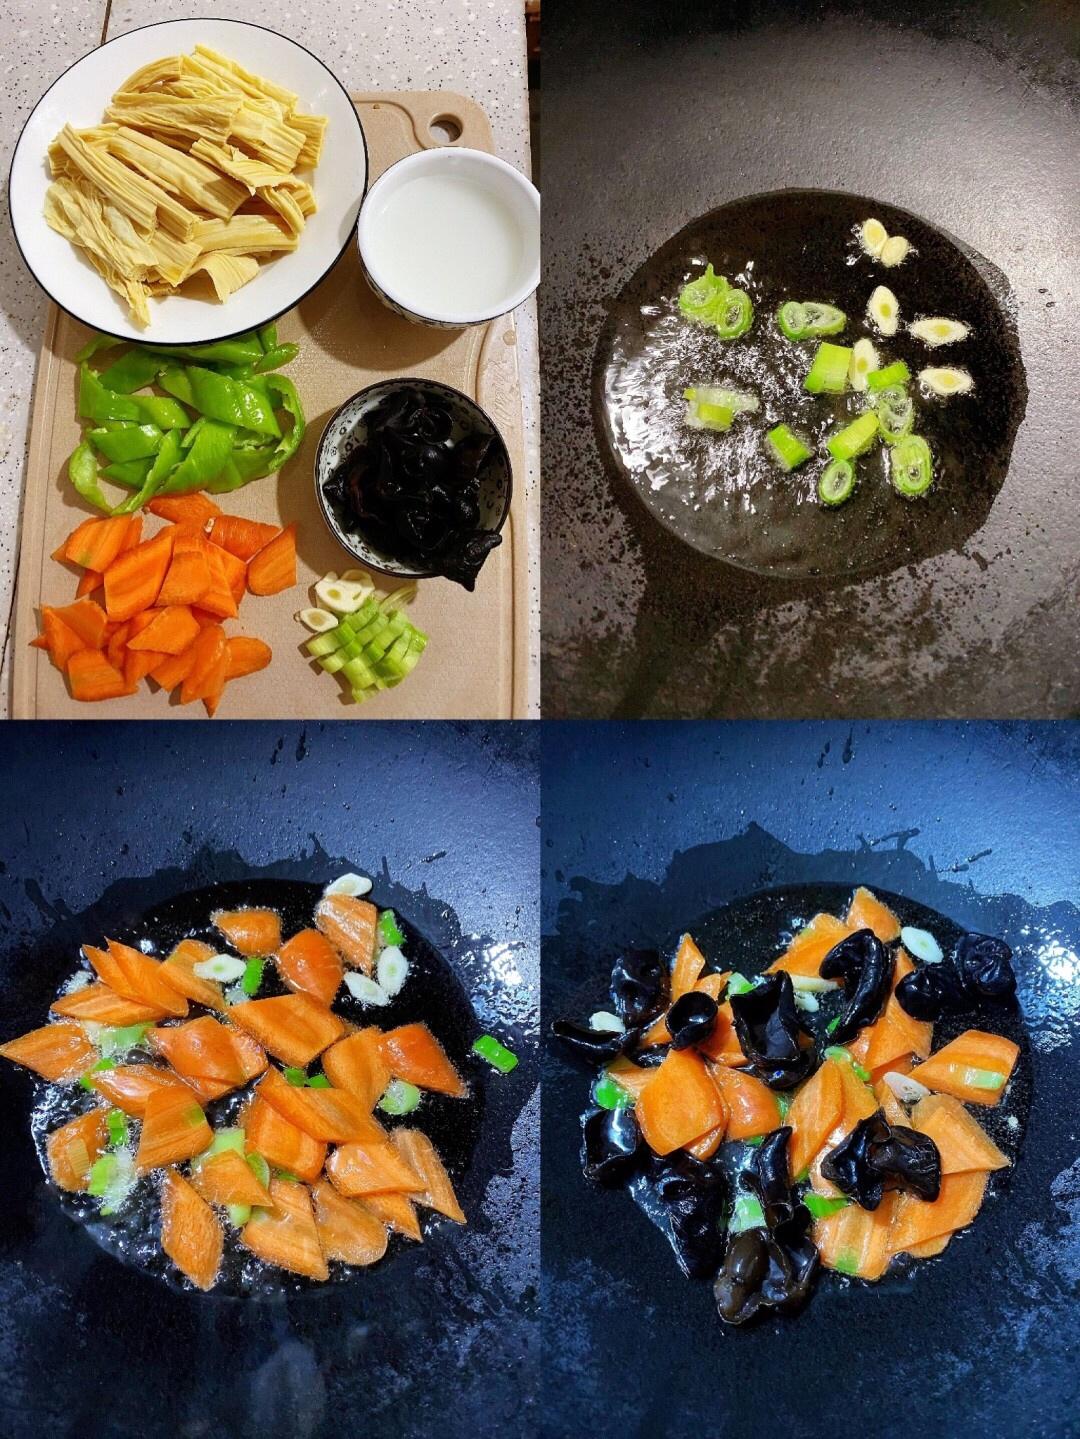 🔥超级下饭的家常快手菜,青椒木耳烧腐竹